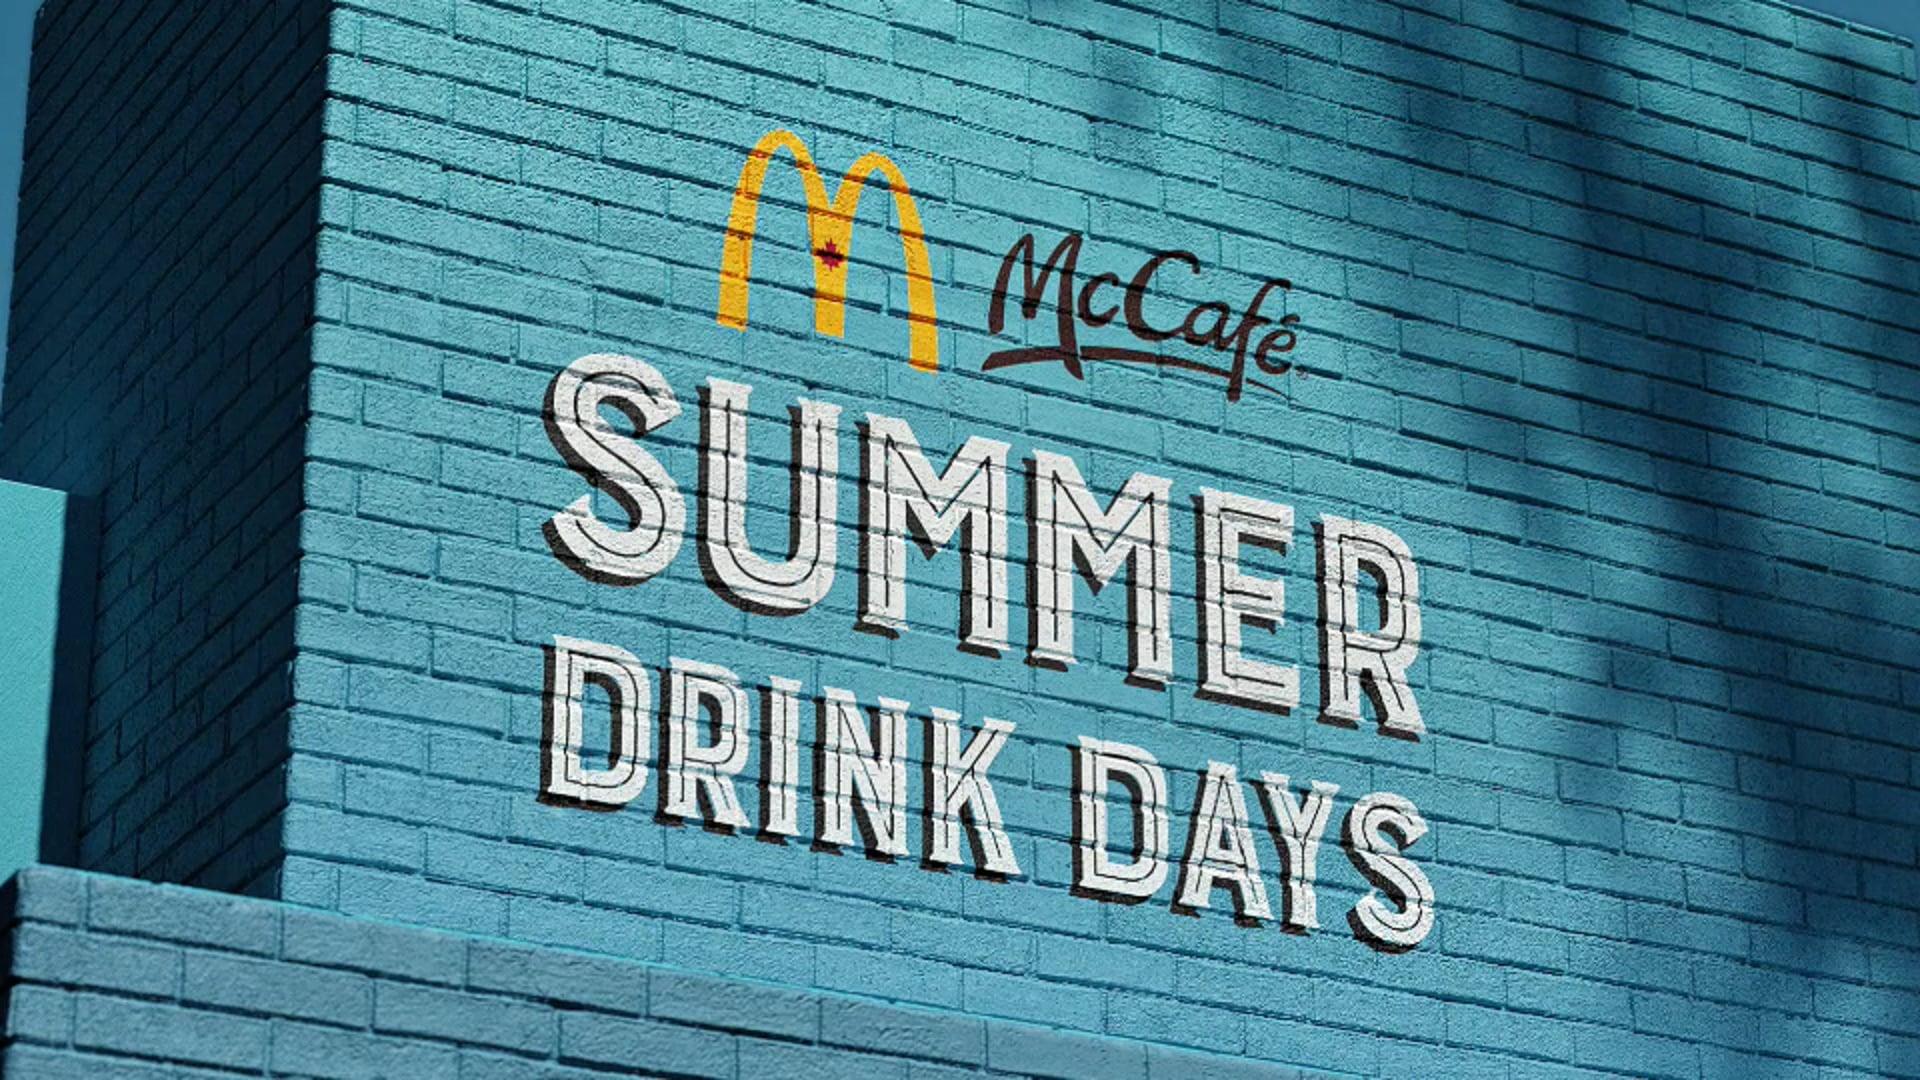 MMD_design_DC_MCCF0529T15E_Brand